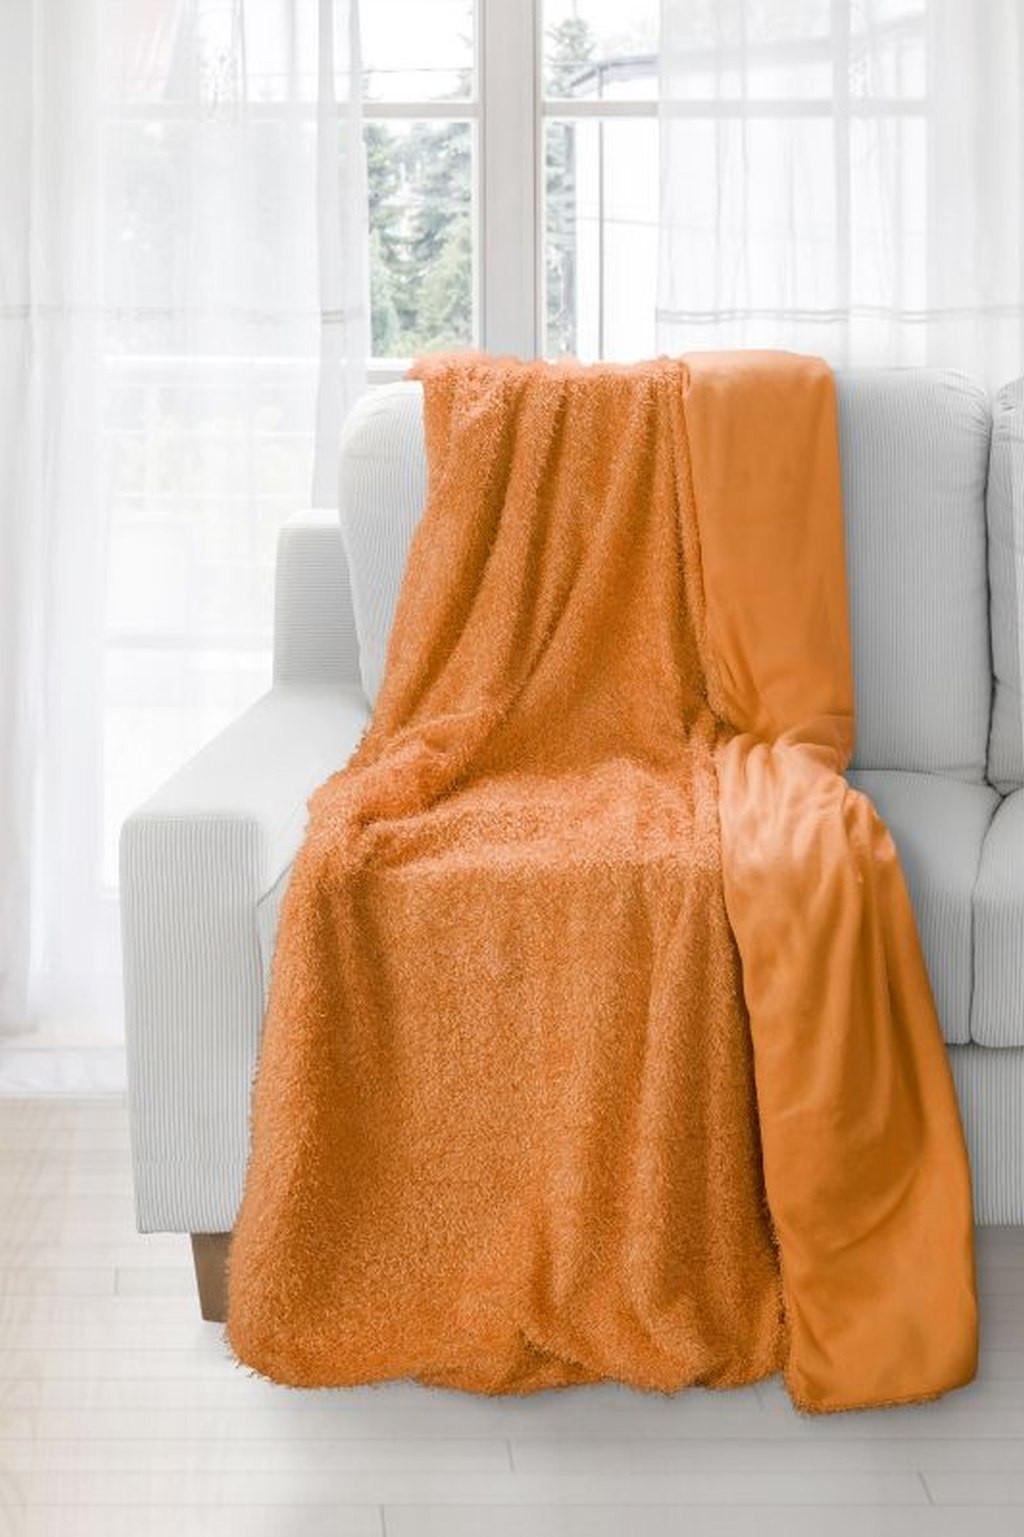 Kvalitná chlpatá deka vo výraznej oranžovej farbe Šírka: 70 cm. dł. 150 cm